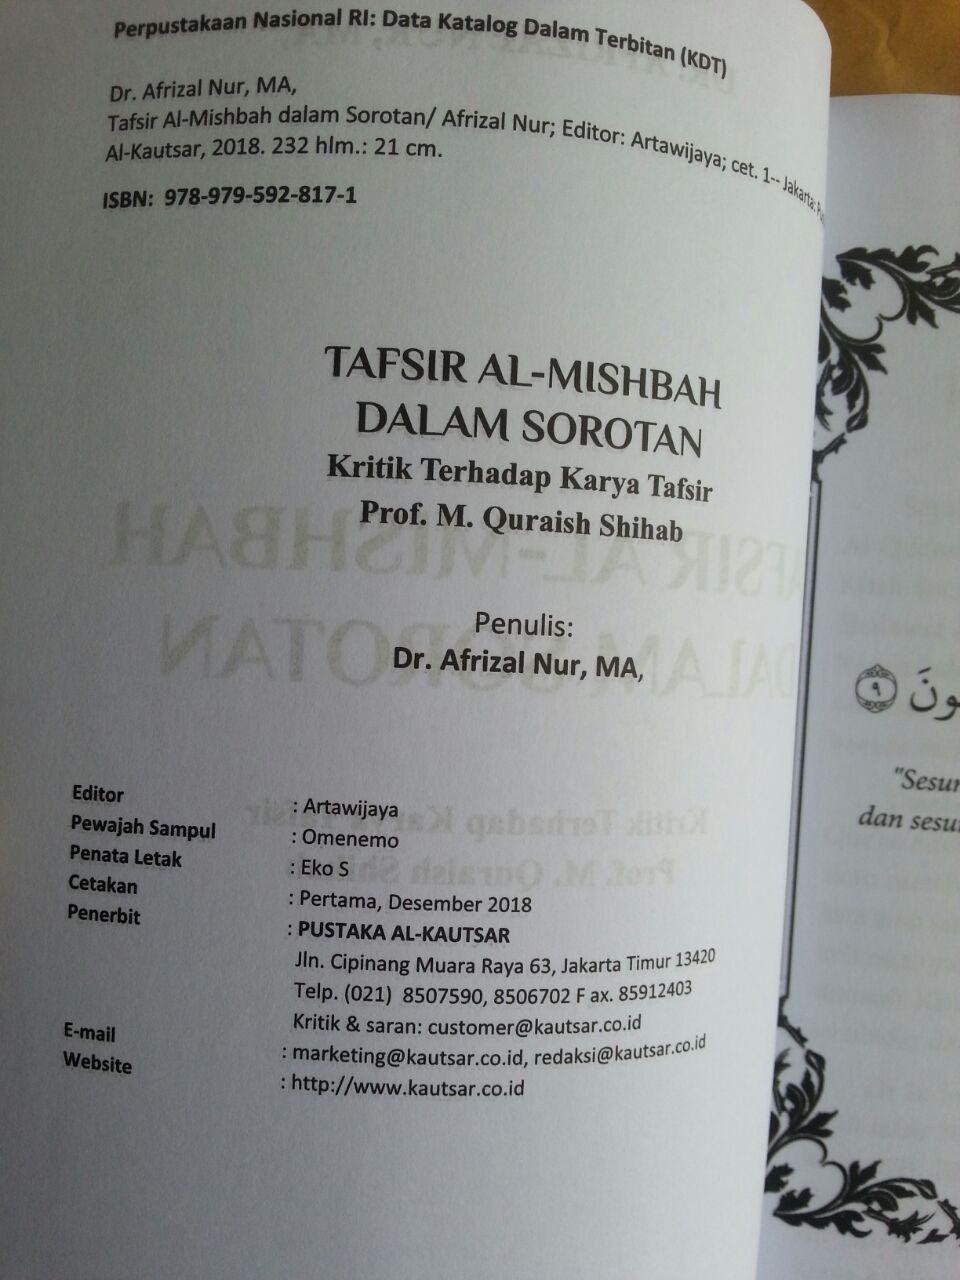 Buku Tafsir Al-Mishbah Dalam Sorotan isi